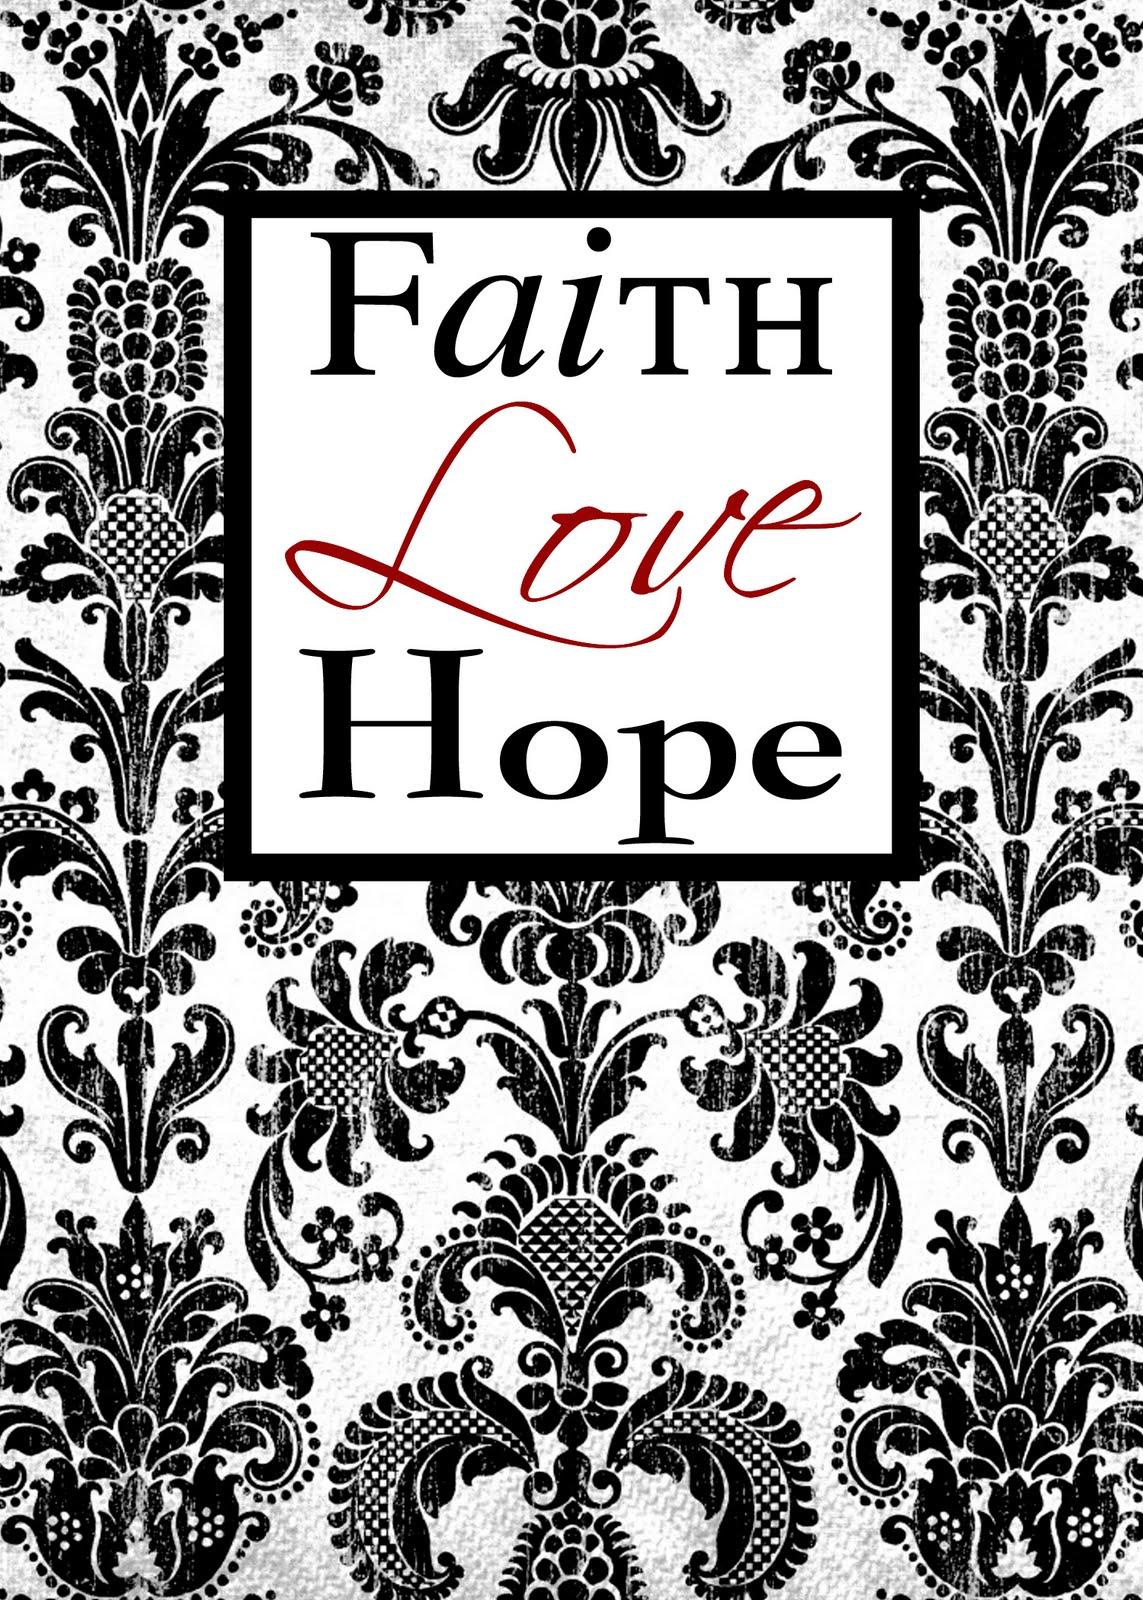 357 - Faith